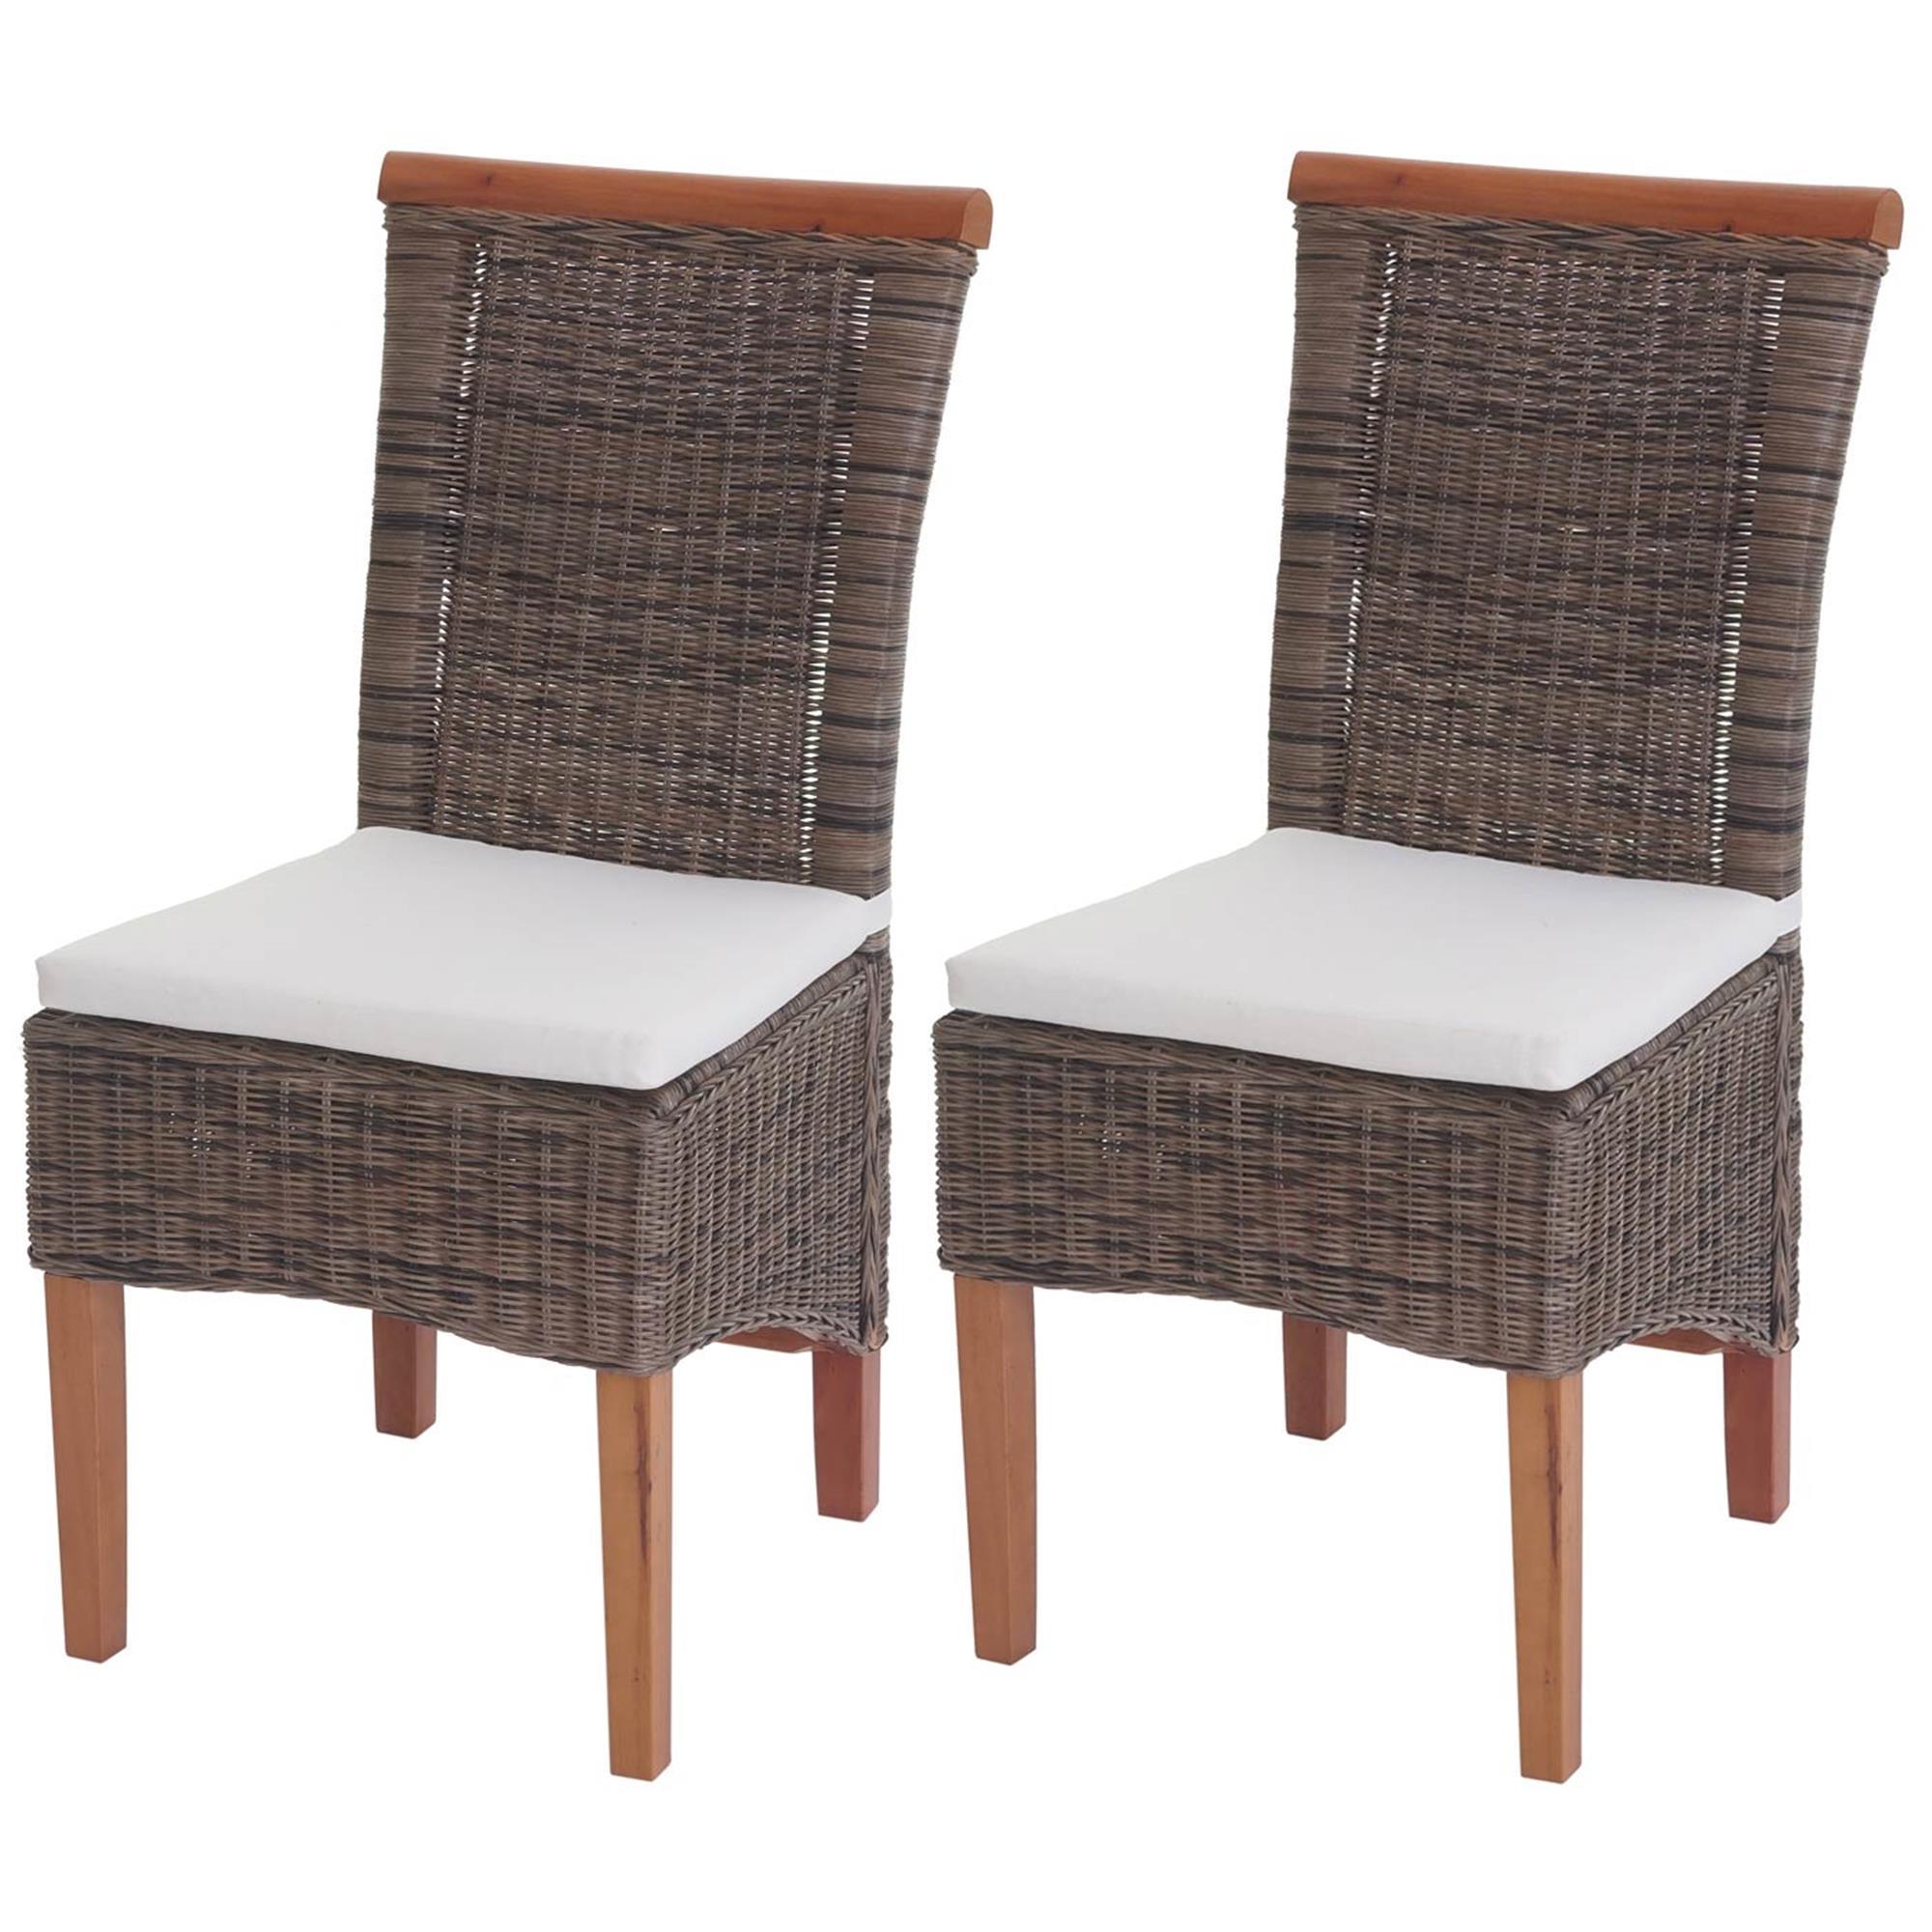 Lote 2 sillas comedor o jardin sedri en mimbre marr n for Sillas comedor jardin